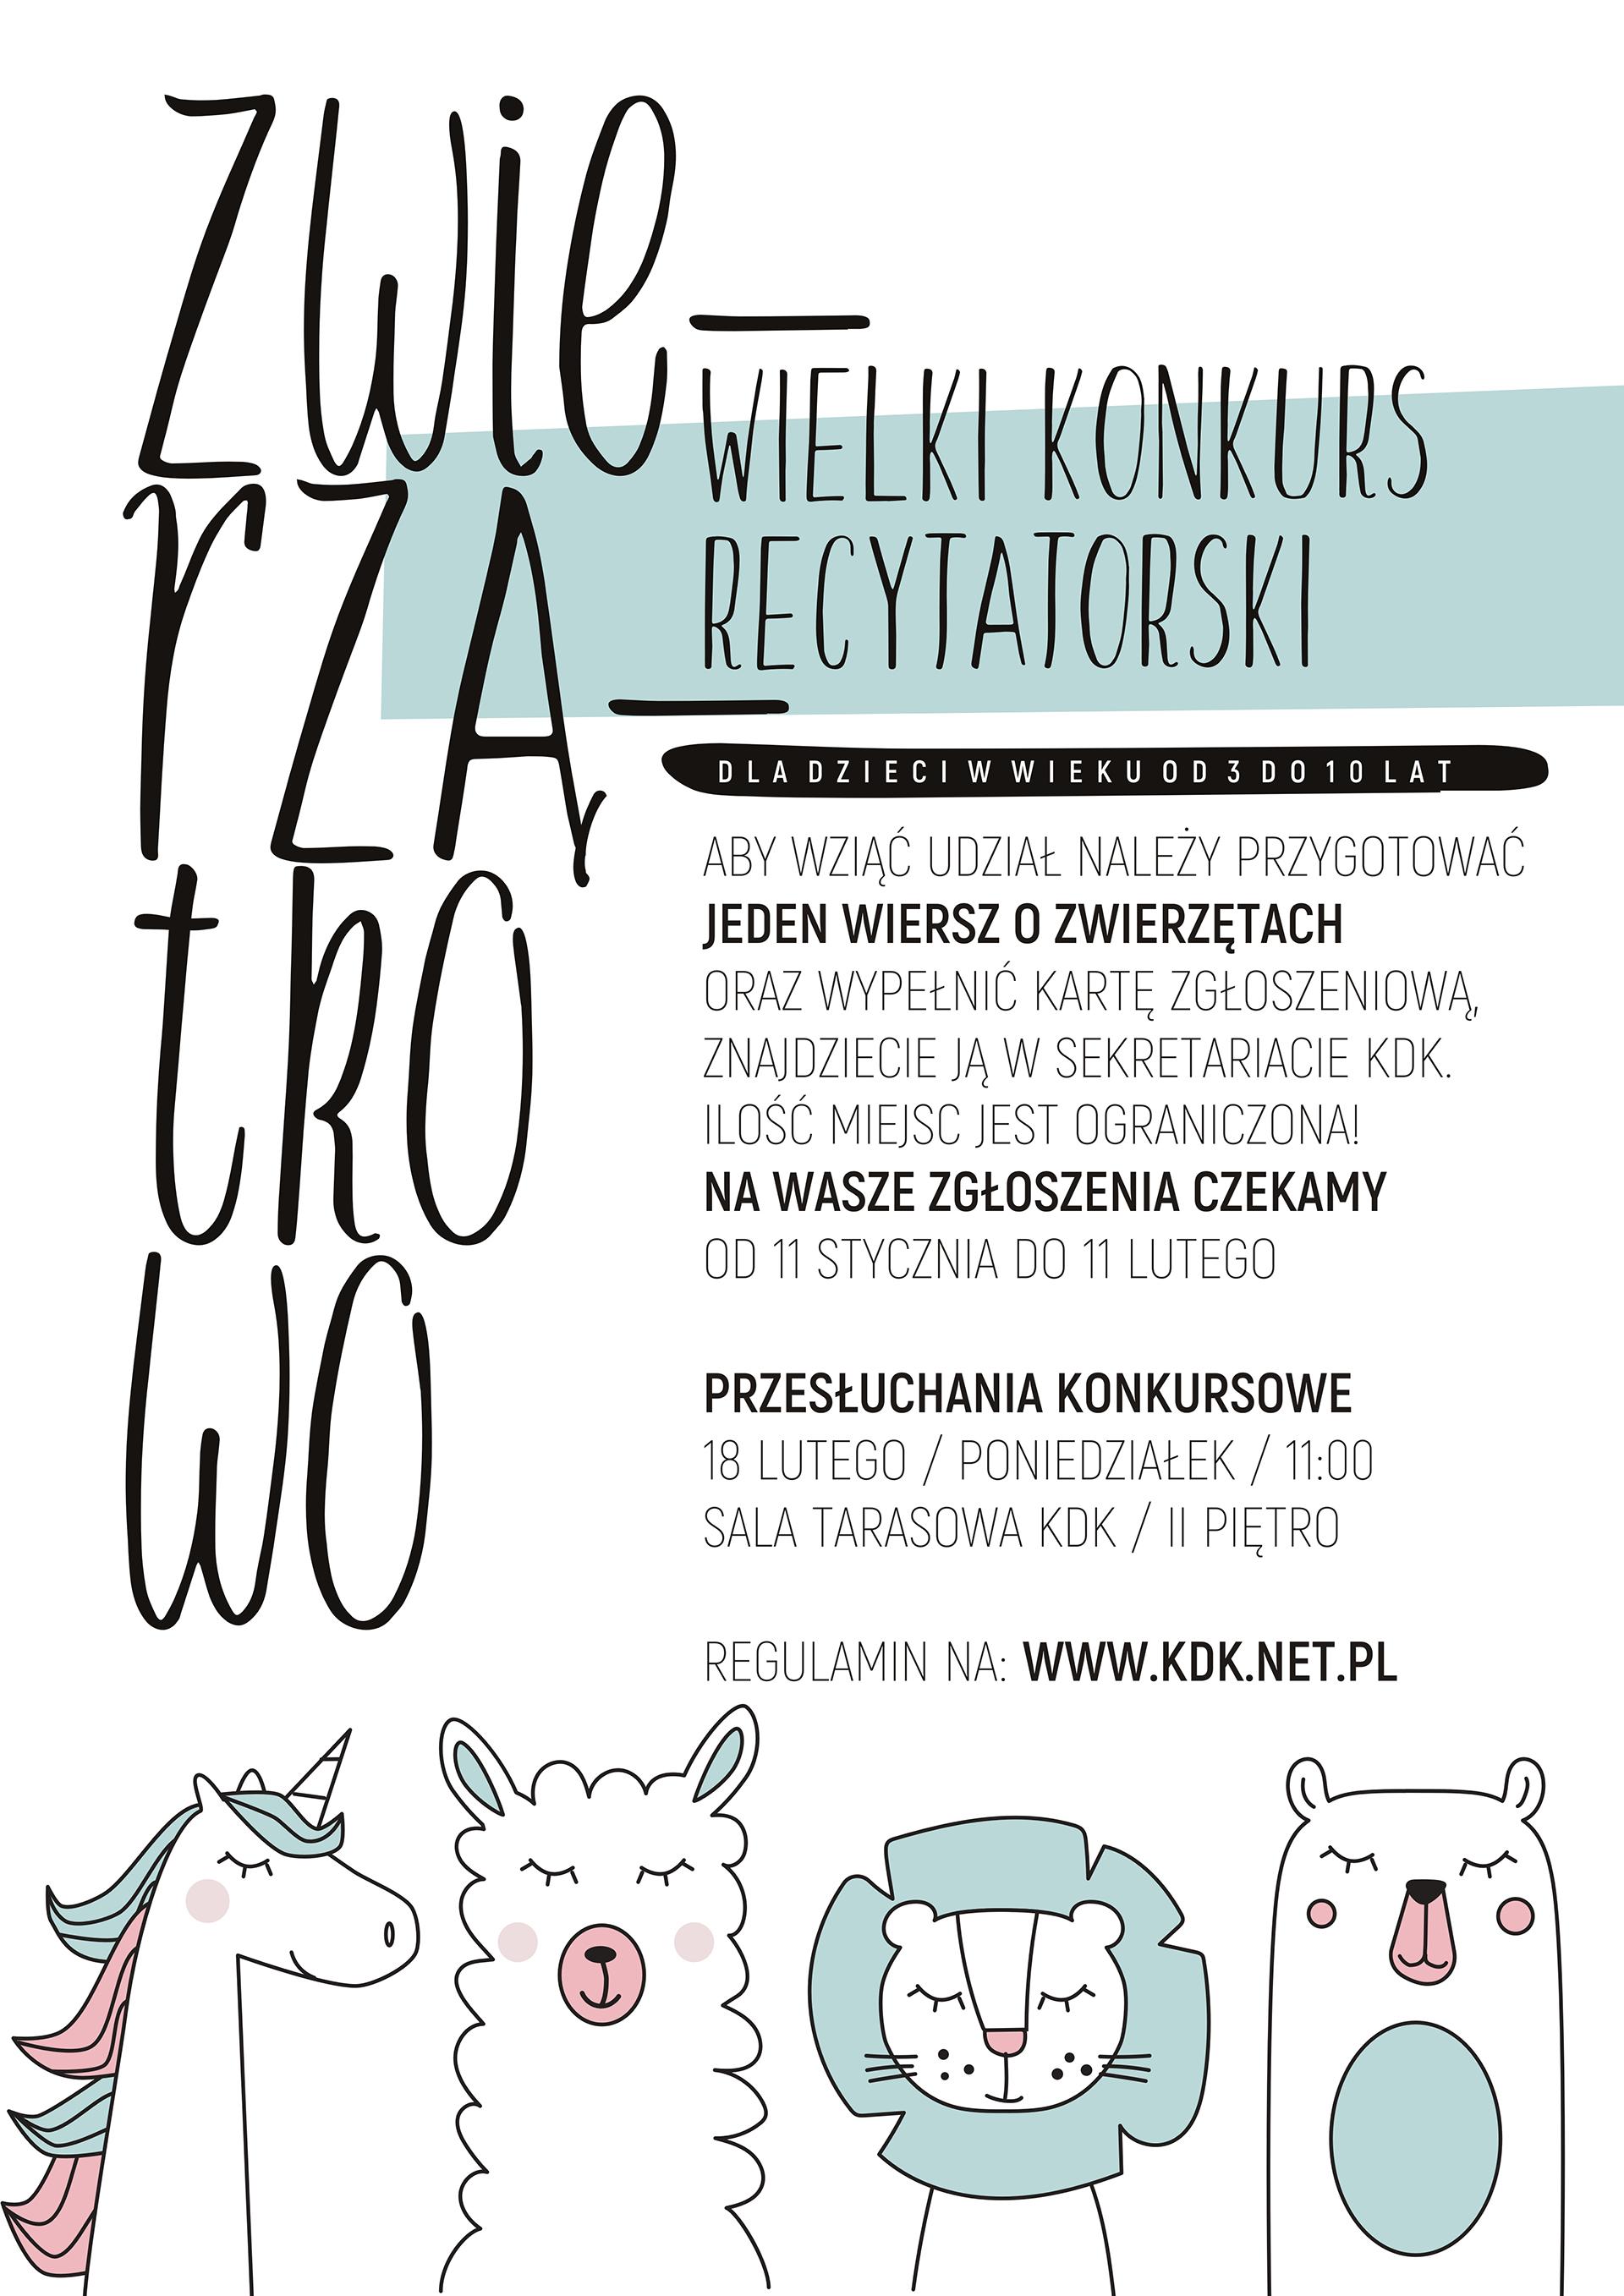 Kdk Zwierzątkowo Konkurs Recytatorski Kutnowski Dom Kultury